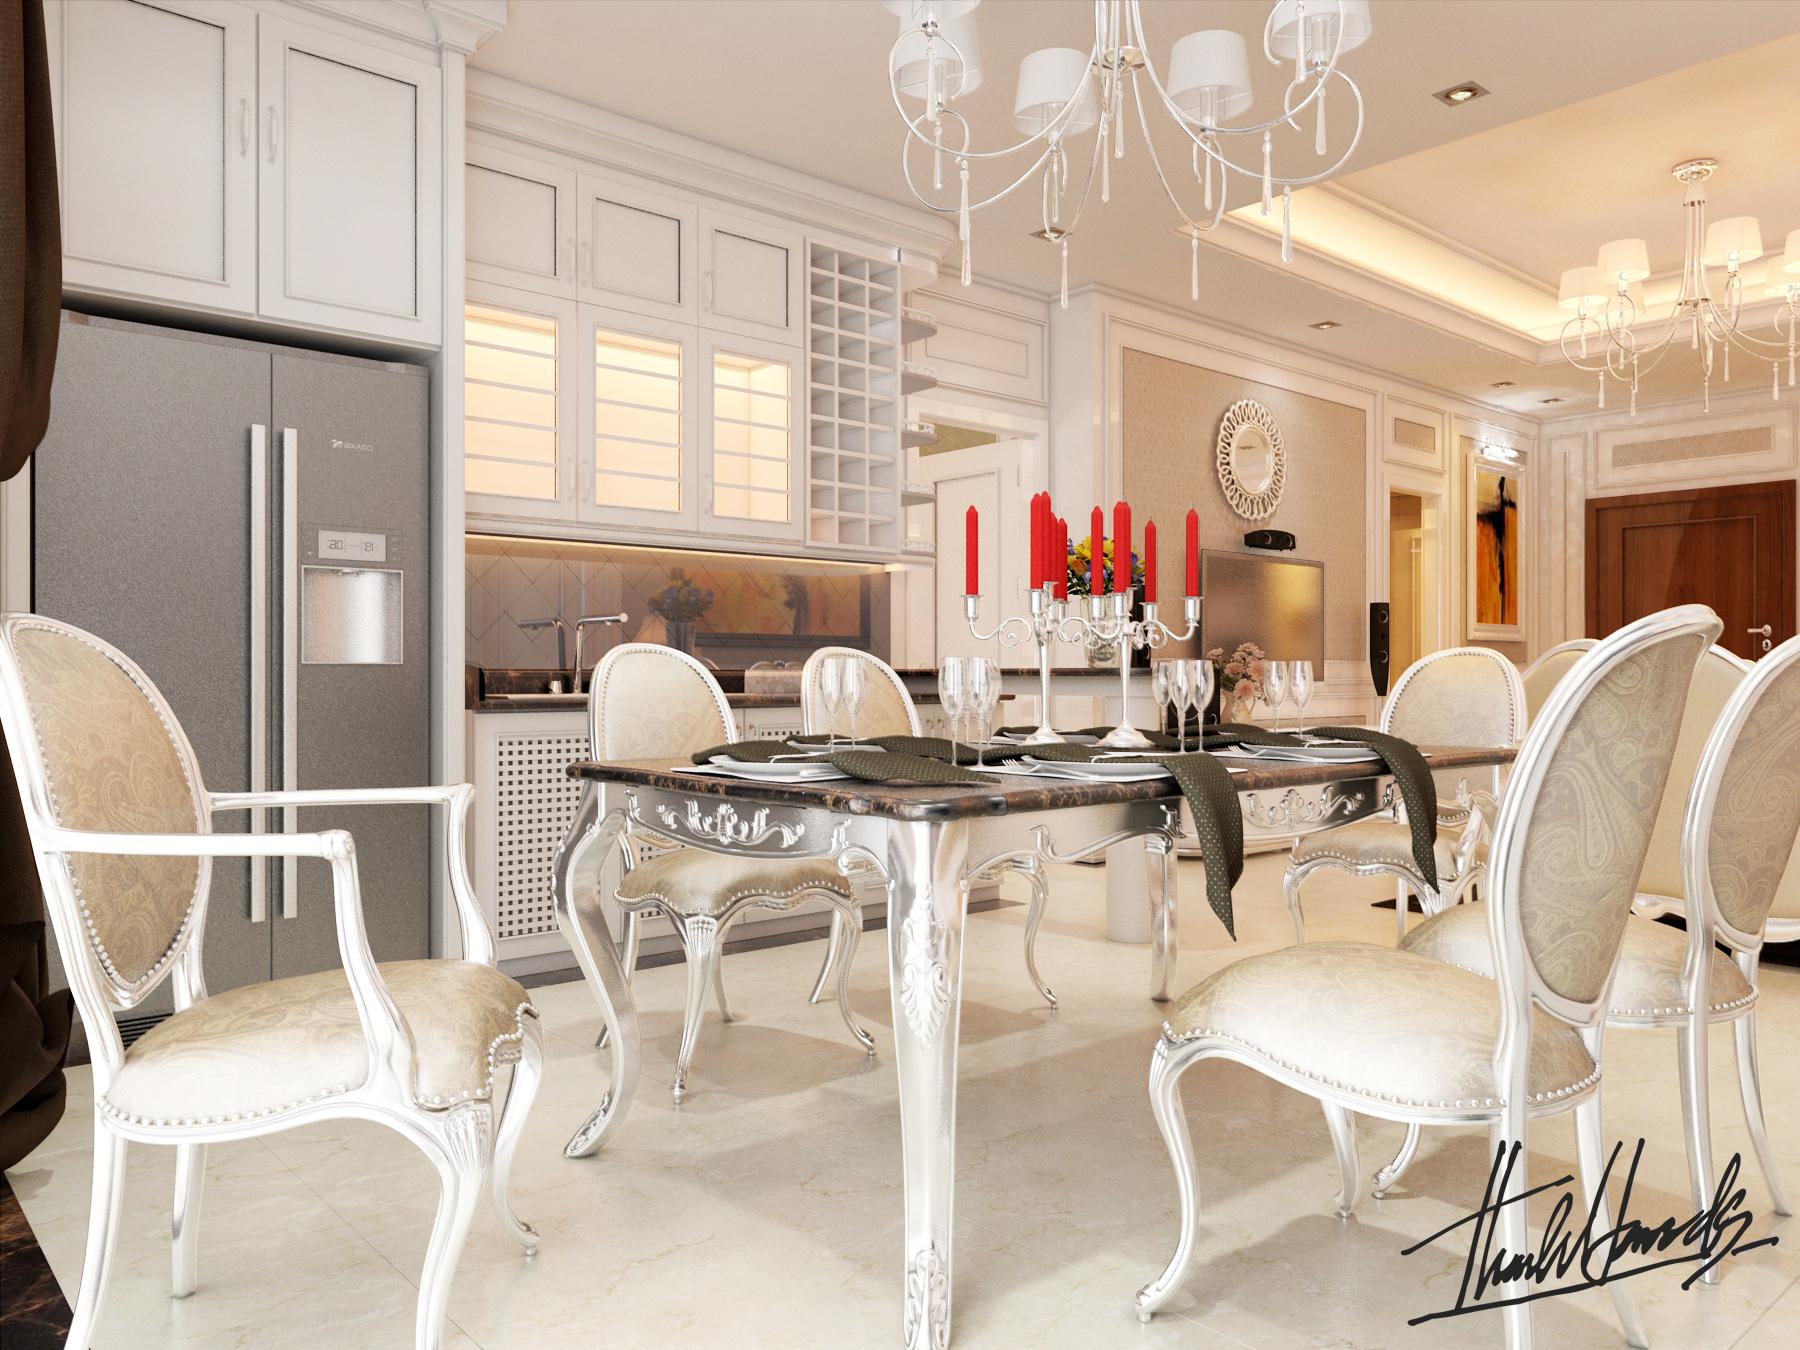 thiết kế nội thất chung cư tại Hà Nội chung cư trang an complex 7 1568277031